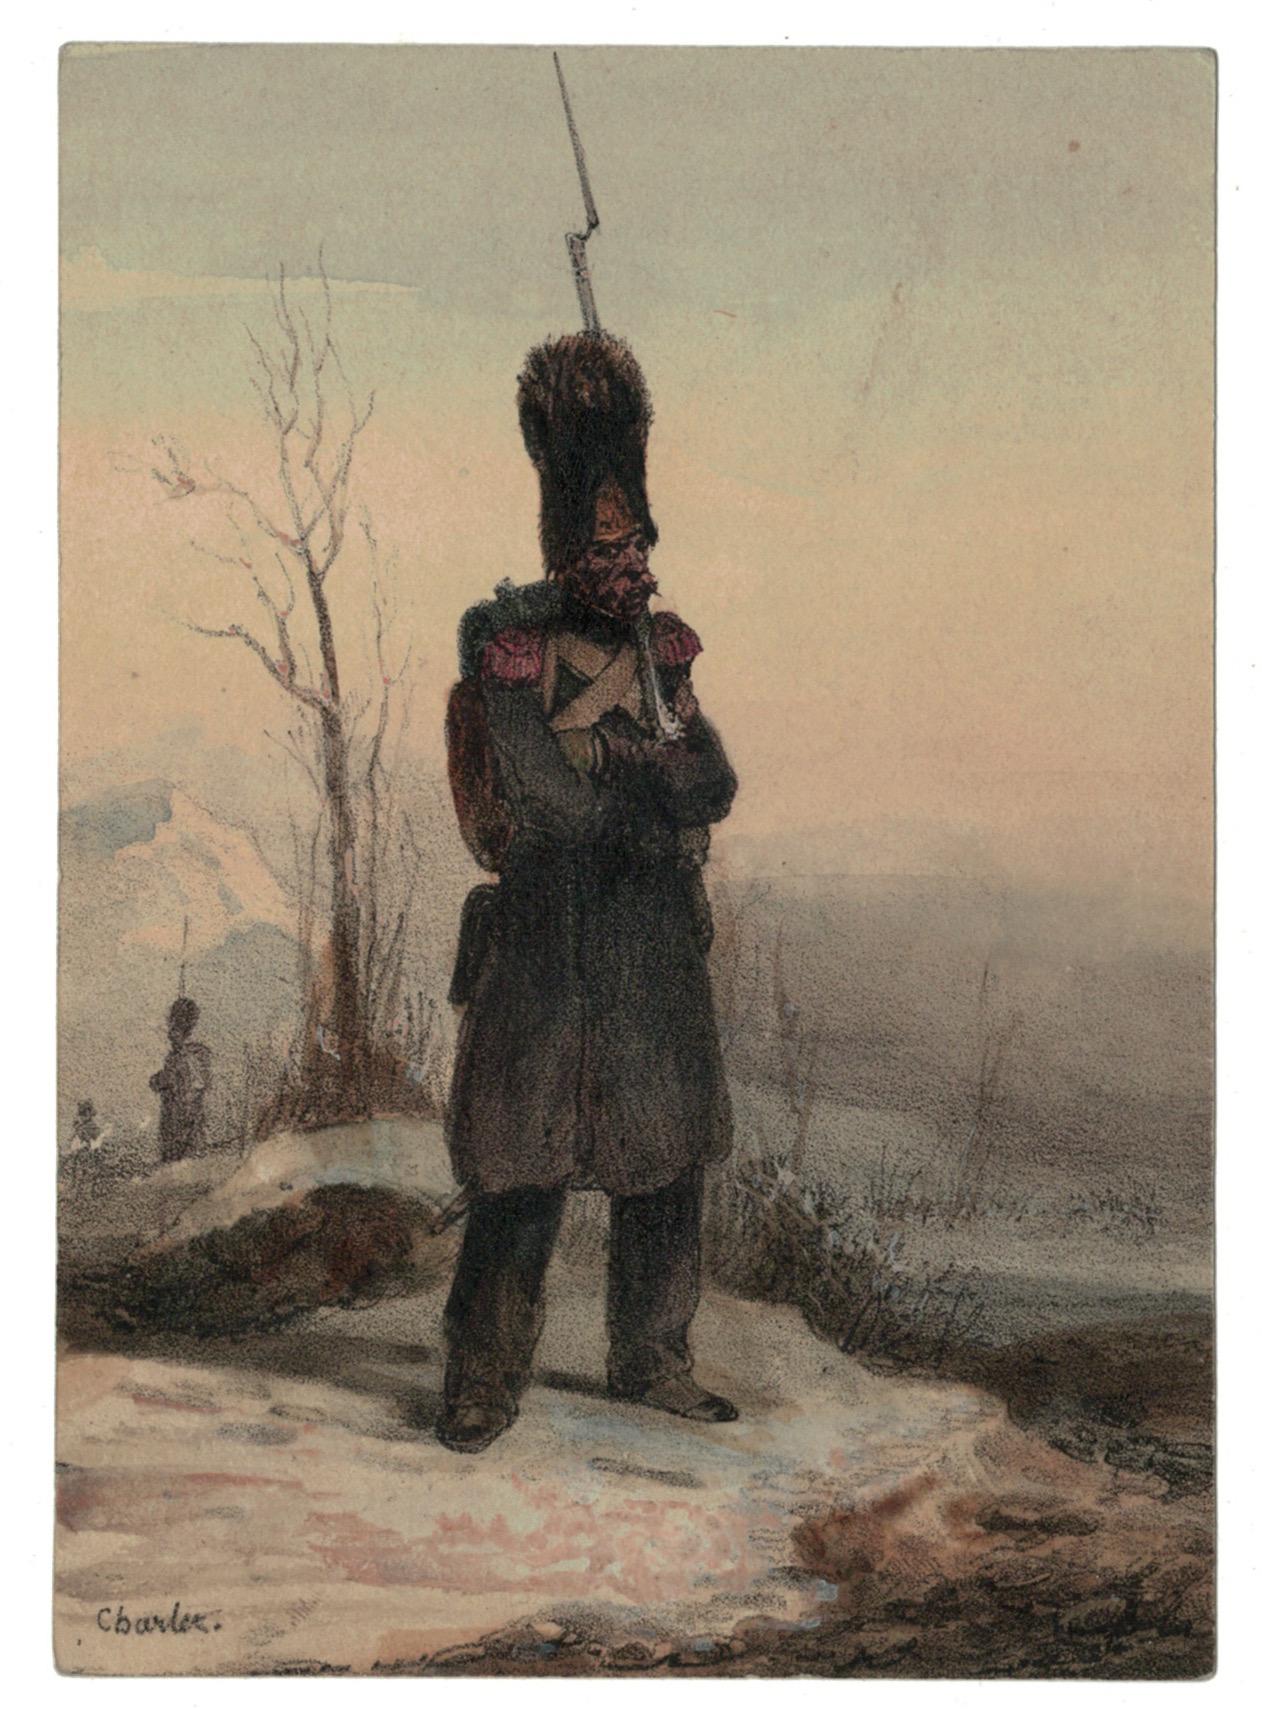 Gravure XIX - Cavalier - Empire 1815 - Charlet, Nicolas Toussaint - Hippolyte Bellangé - Victor Adam - Vie du Soldat - Militaire